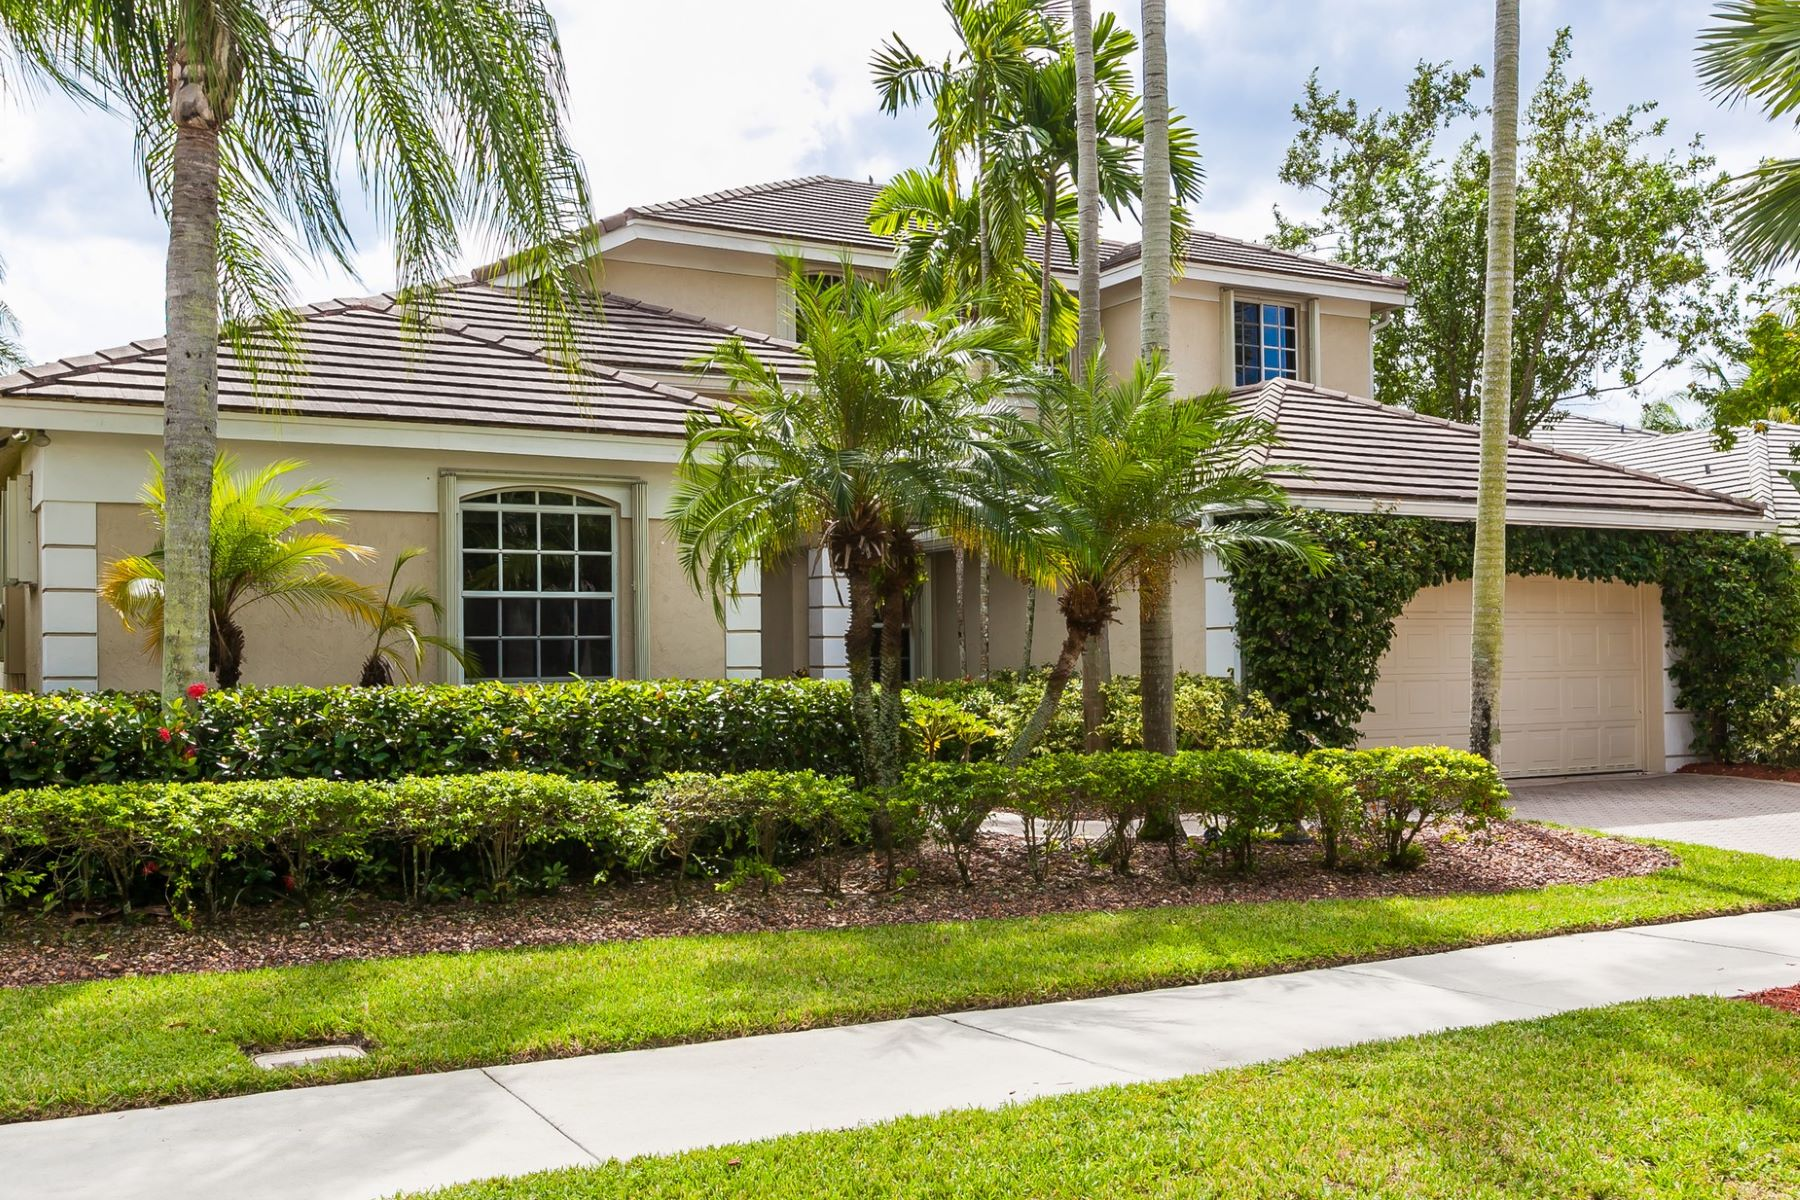 단독 가정 주택 용 매매 에 2589 Jardin Ct. 2589 Jardin Court Weston, 플로리다, 33327 미국